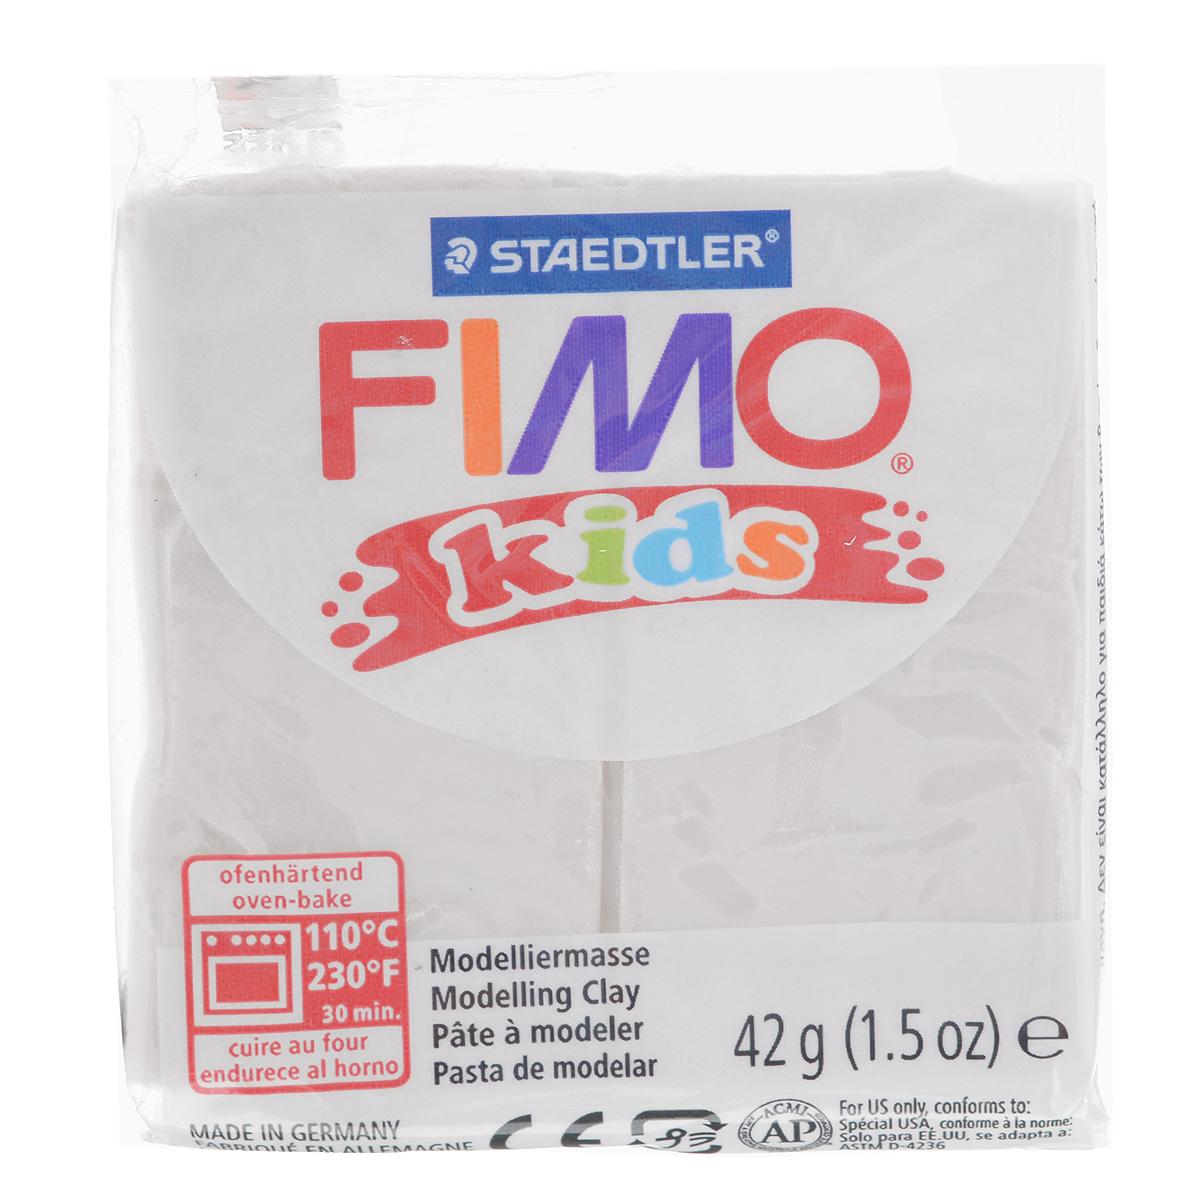 Полимерная глина для детей Fimo Kids, цвет: блестящий белый (052), 42 г8030-052Мягкая глина на полимерной основе (пластика) Fimo Kids идеально подходит для лепки небольших изделий (украшений, скульптурок, кукол) и для моделирования. Глина обладает отличными пластичными свойствами, хорошо размягчается и лепится, легко смешивается между собой, благодаря чему можно создать огромное количество поделок любых цветов и оттенков, не имеет запаха. Идеально подходит для работы с детьми. Блок разделен на 2 сегмента, что позволяет легче разделять глину на порции. В домашних условиях готовая поделка выпекается в духовом шкафу при температуре 110°С в течении 15-30 минут (в зависимости от величины изделия). Отвердевшие изделия могут быть раскрашены акриловыми красками, покрыты лаком, склеены друг с другом или с другими материалами.